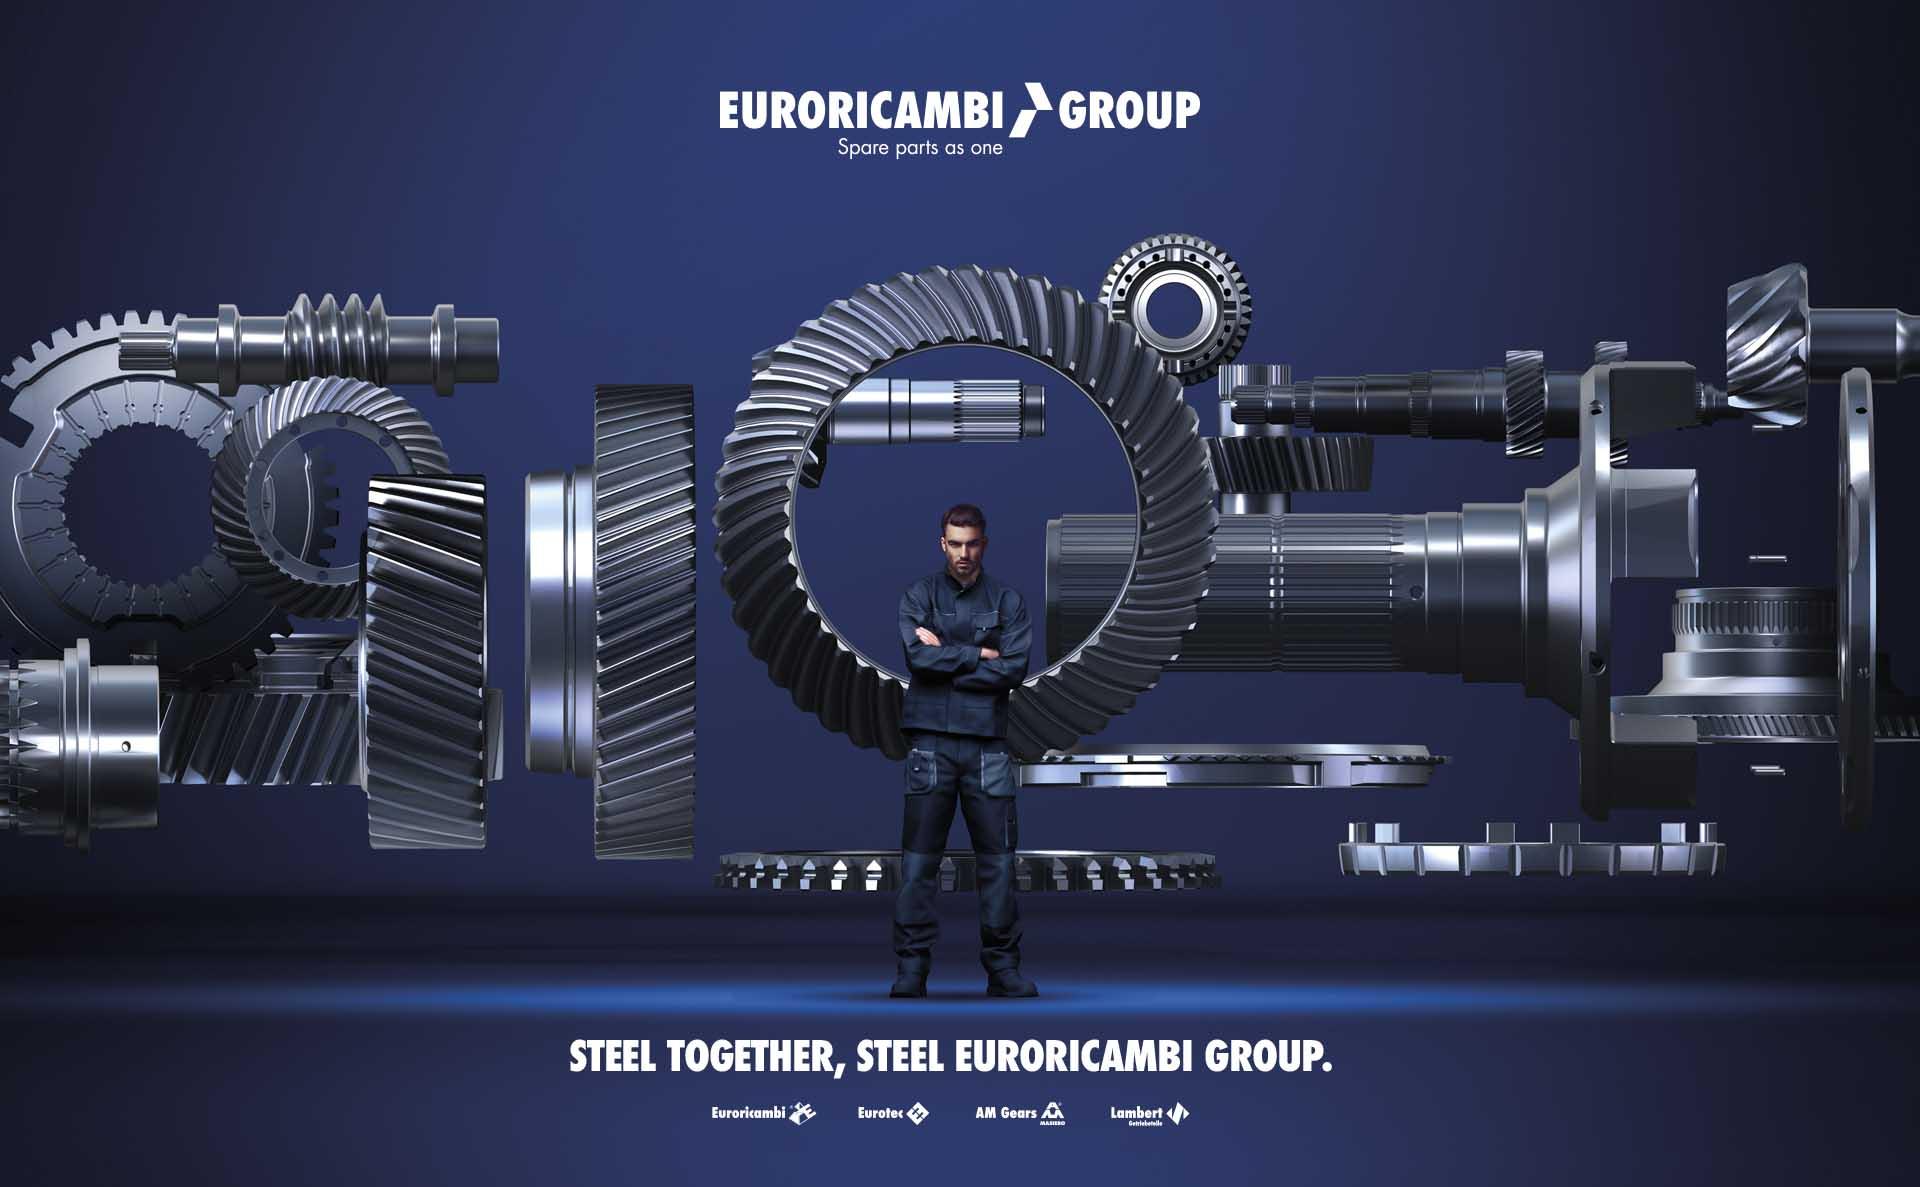 Menabò Group - agenzia di comunicazione - Euroricambi